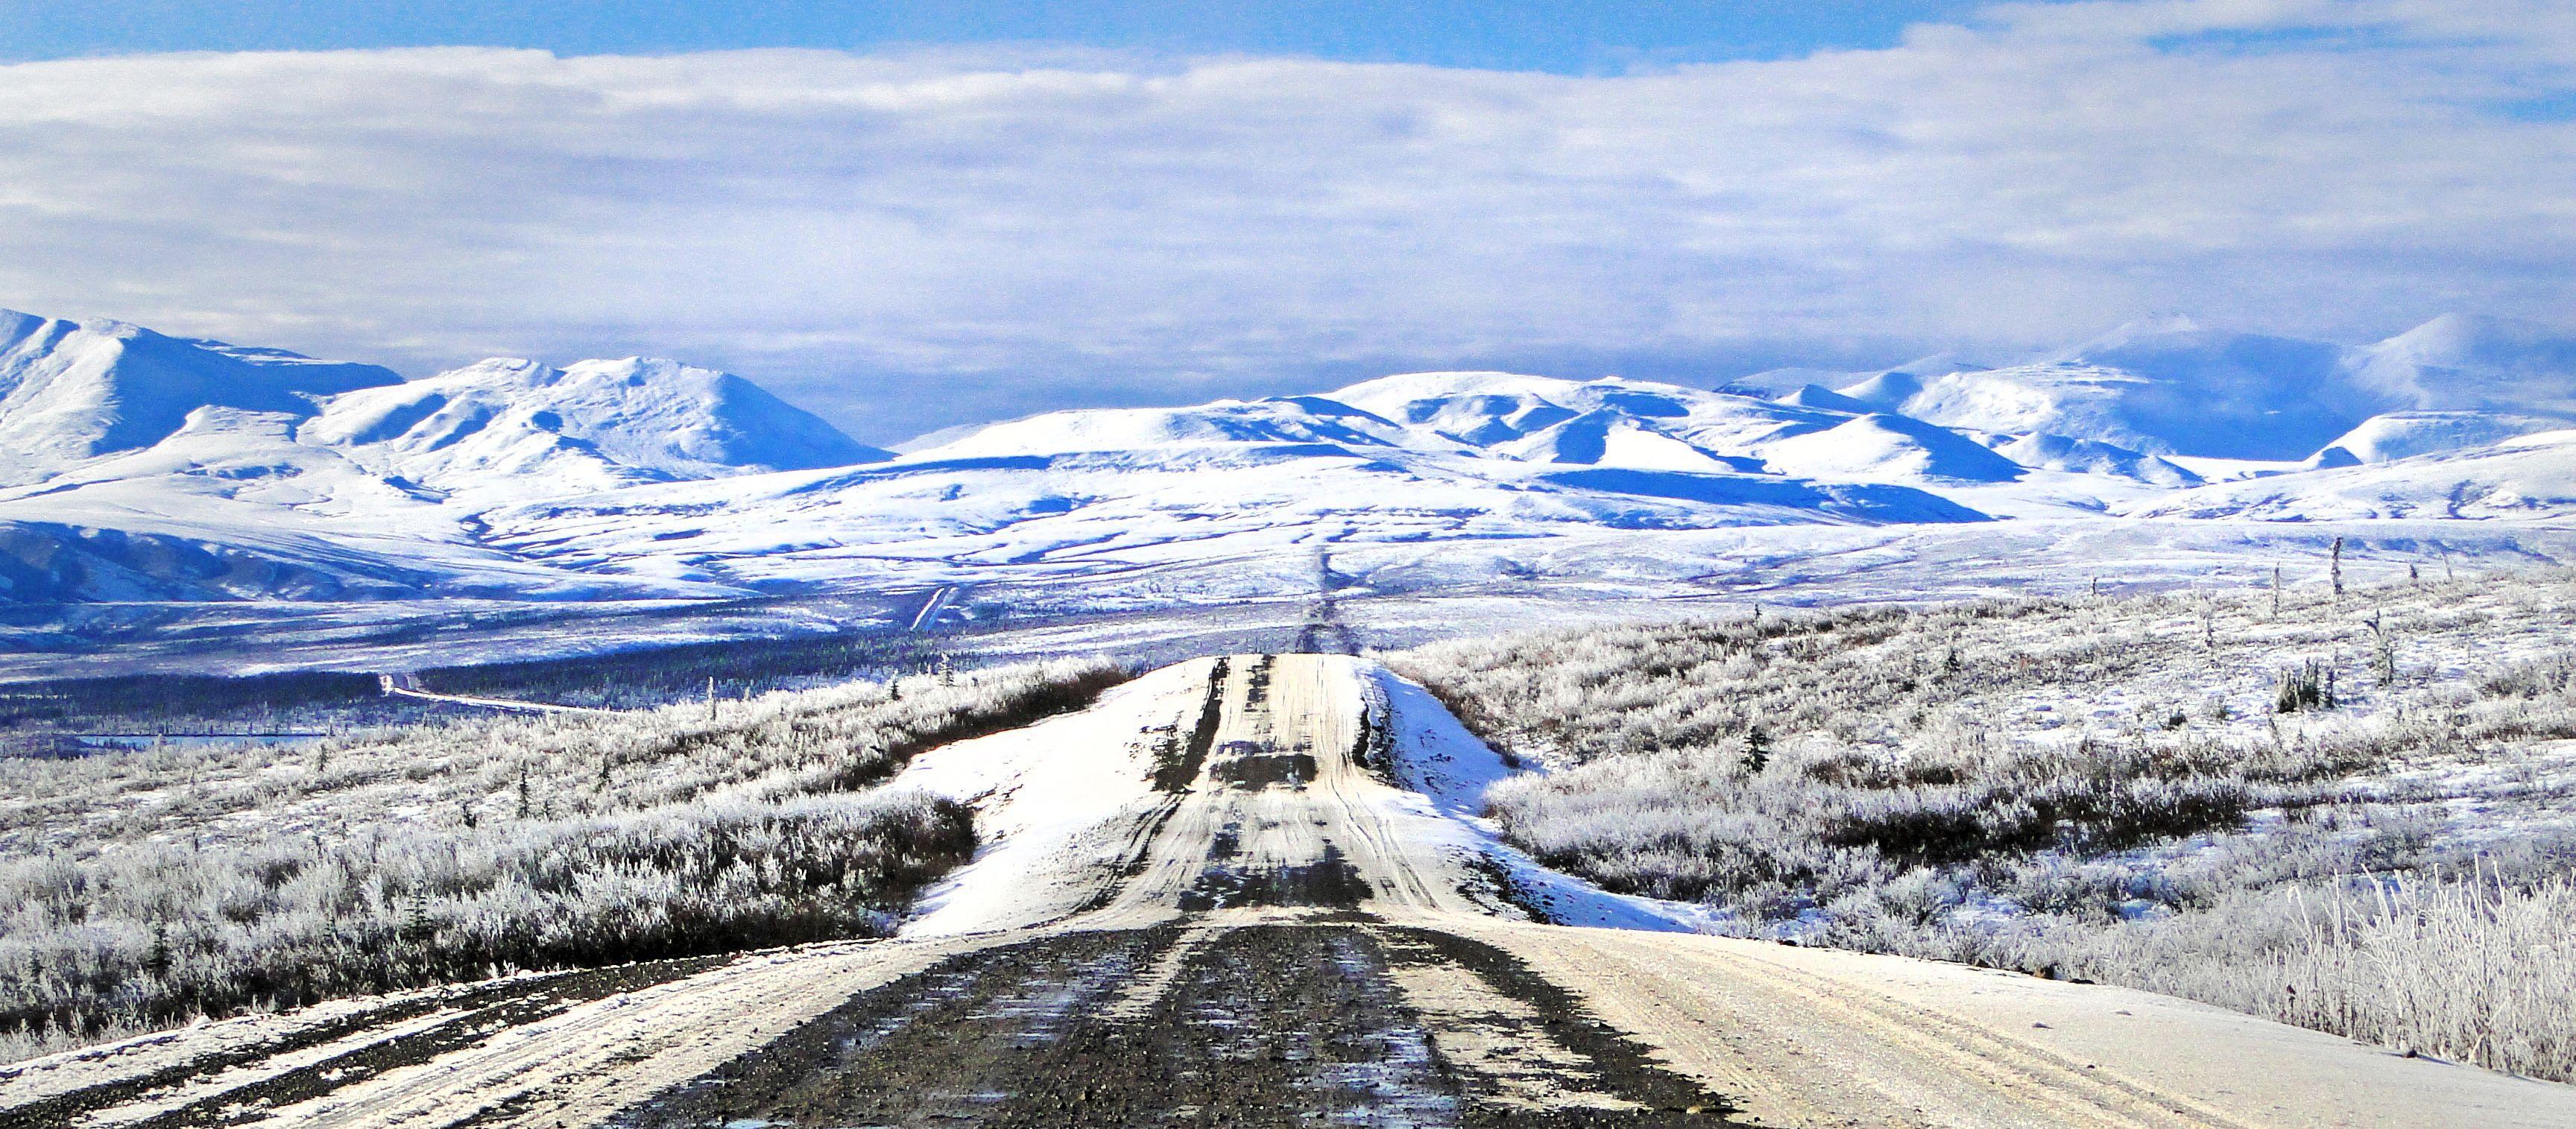 Impression Dempster Highway